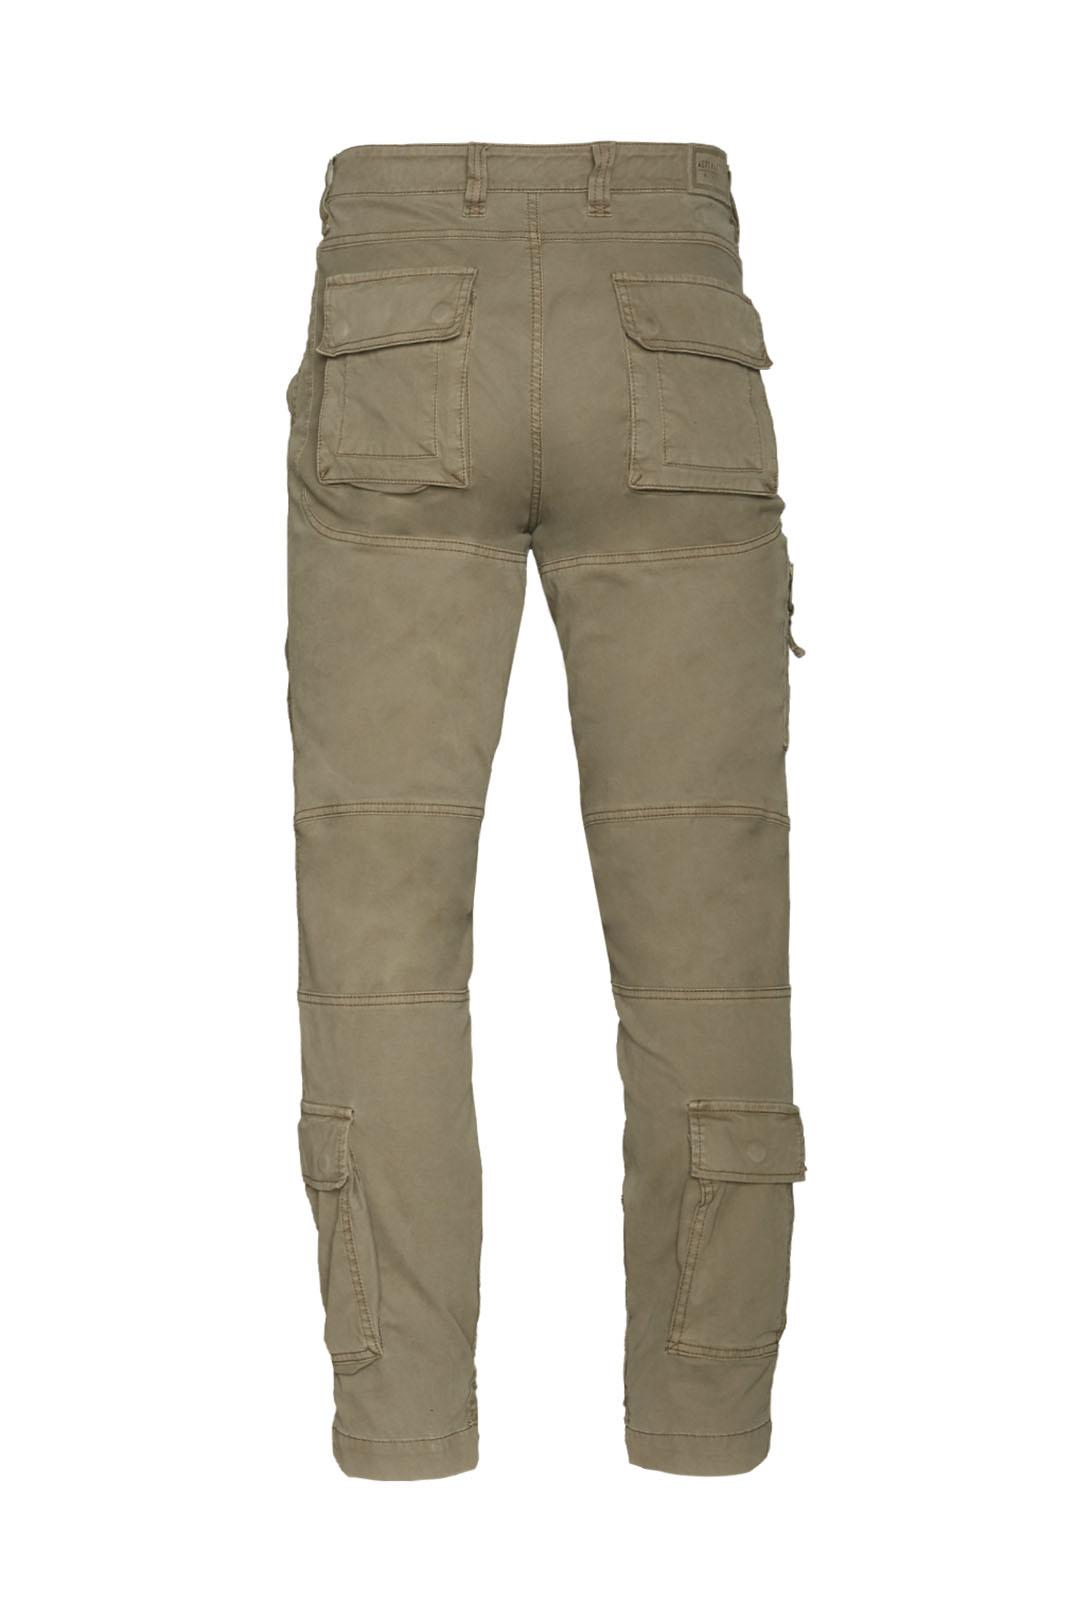 Pantalon Anti-G                          2